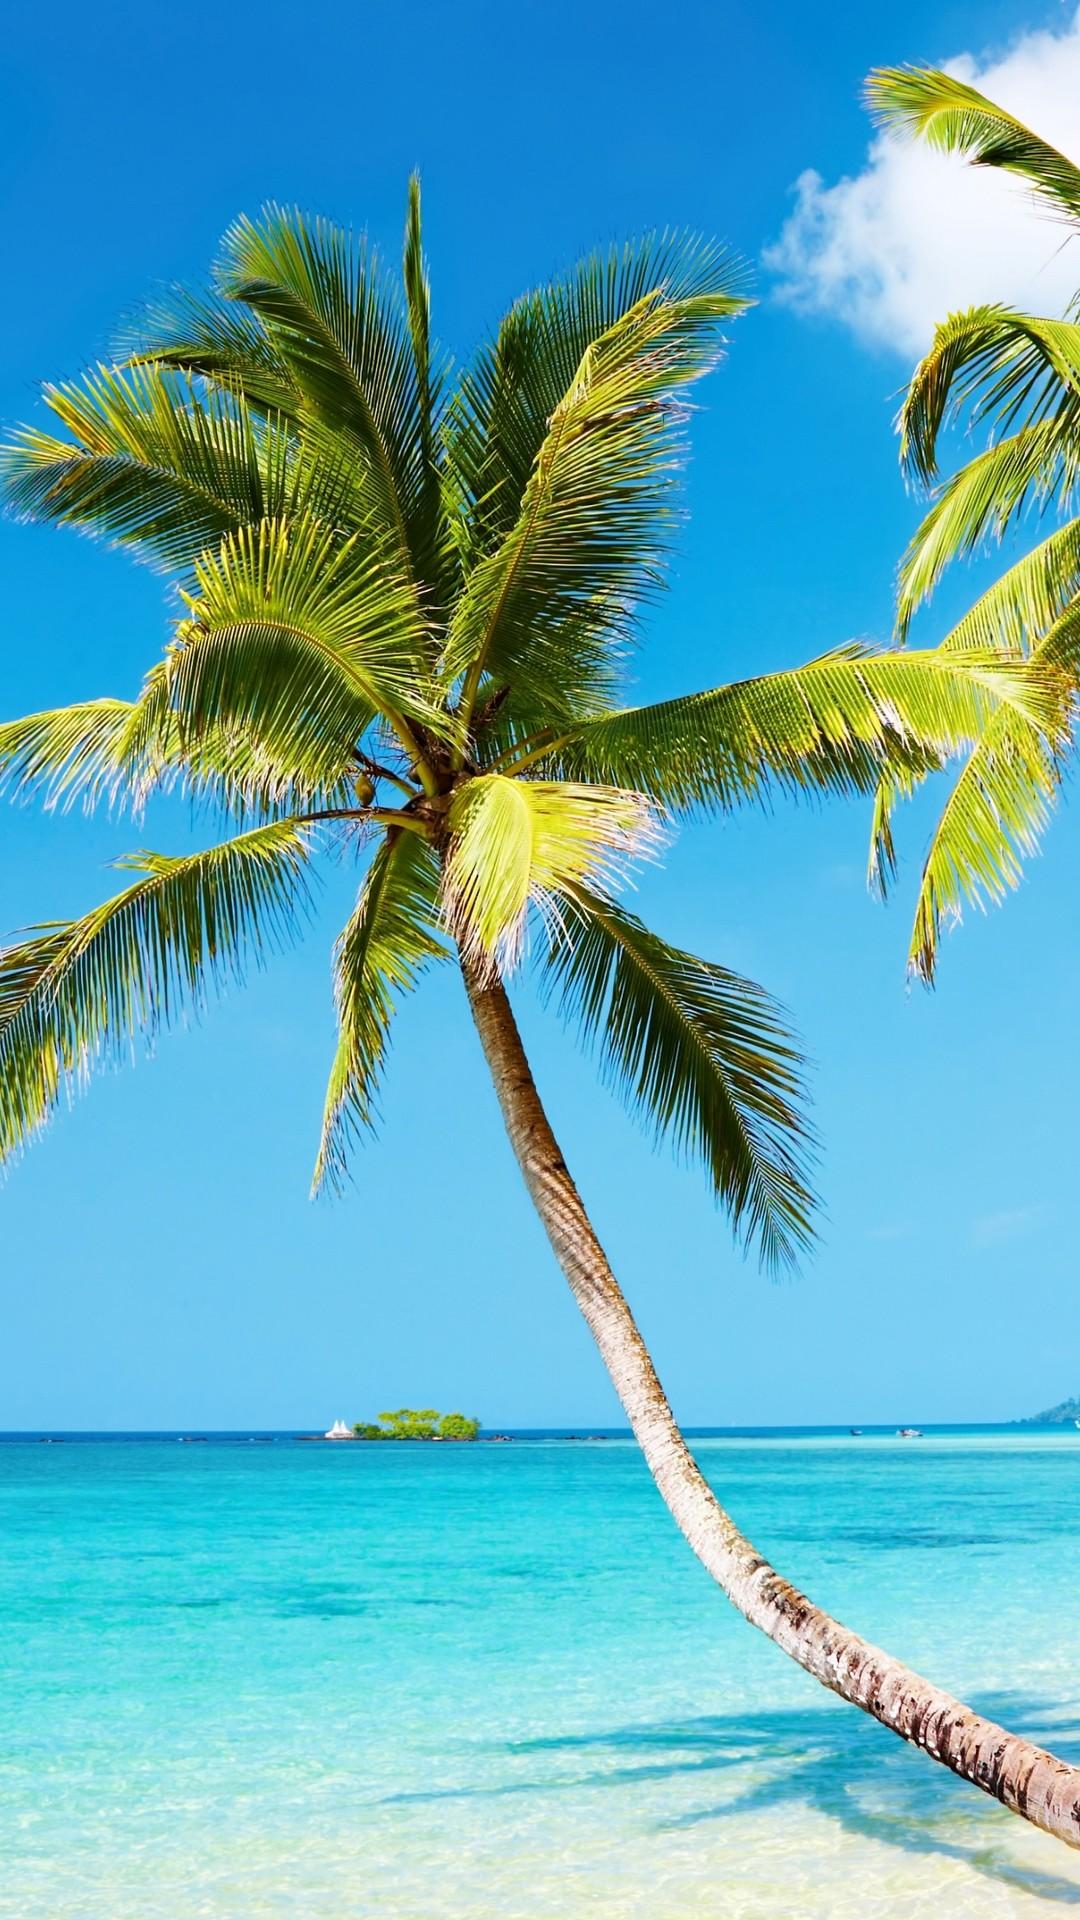 Tropical beach 4K Ultra HD wallpaper   4k-Wallpaper.Net